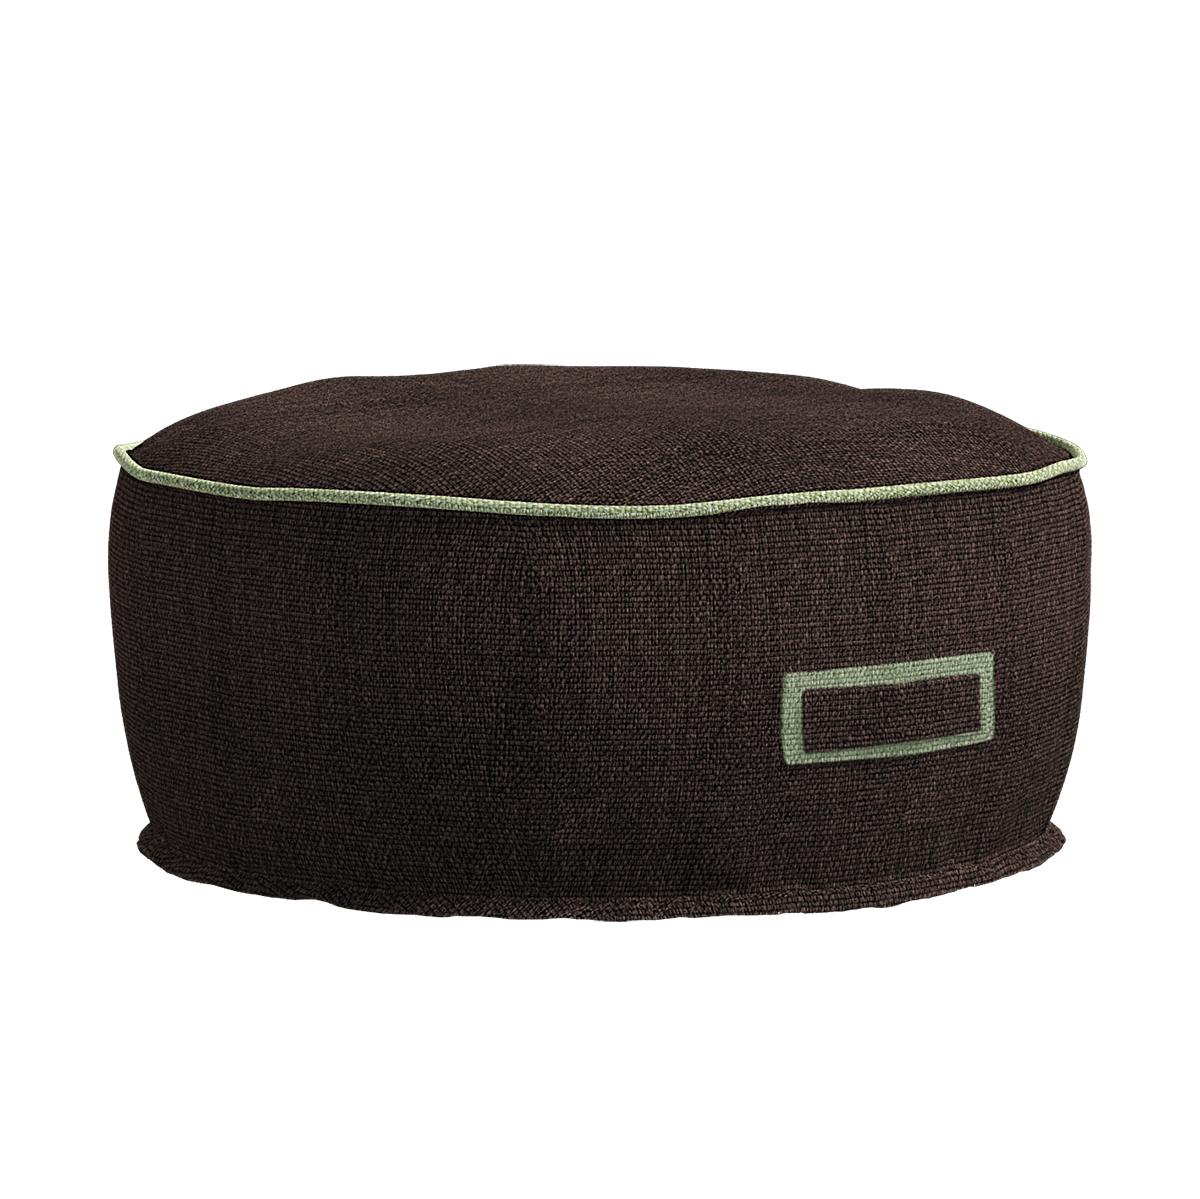 Soft round pouf - на 360.ru: цены, описание, характеристики, где купить в Москве.